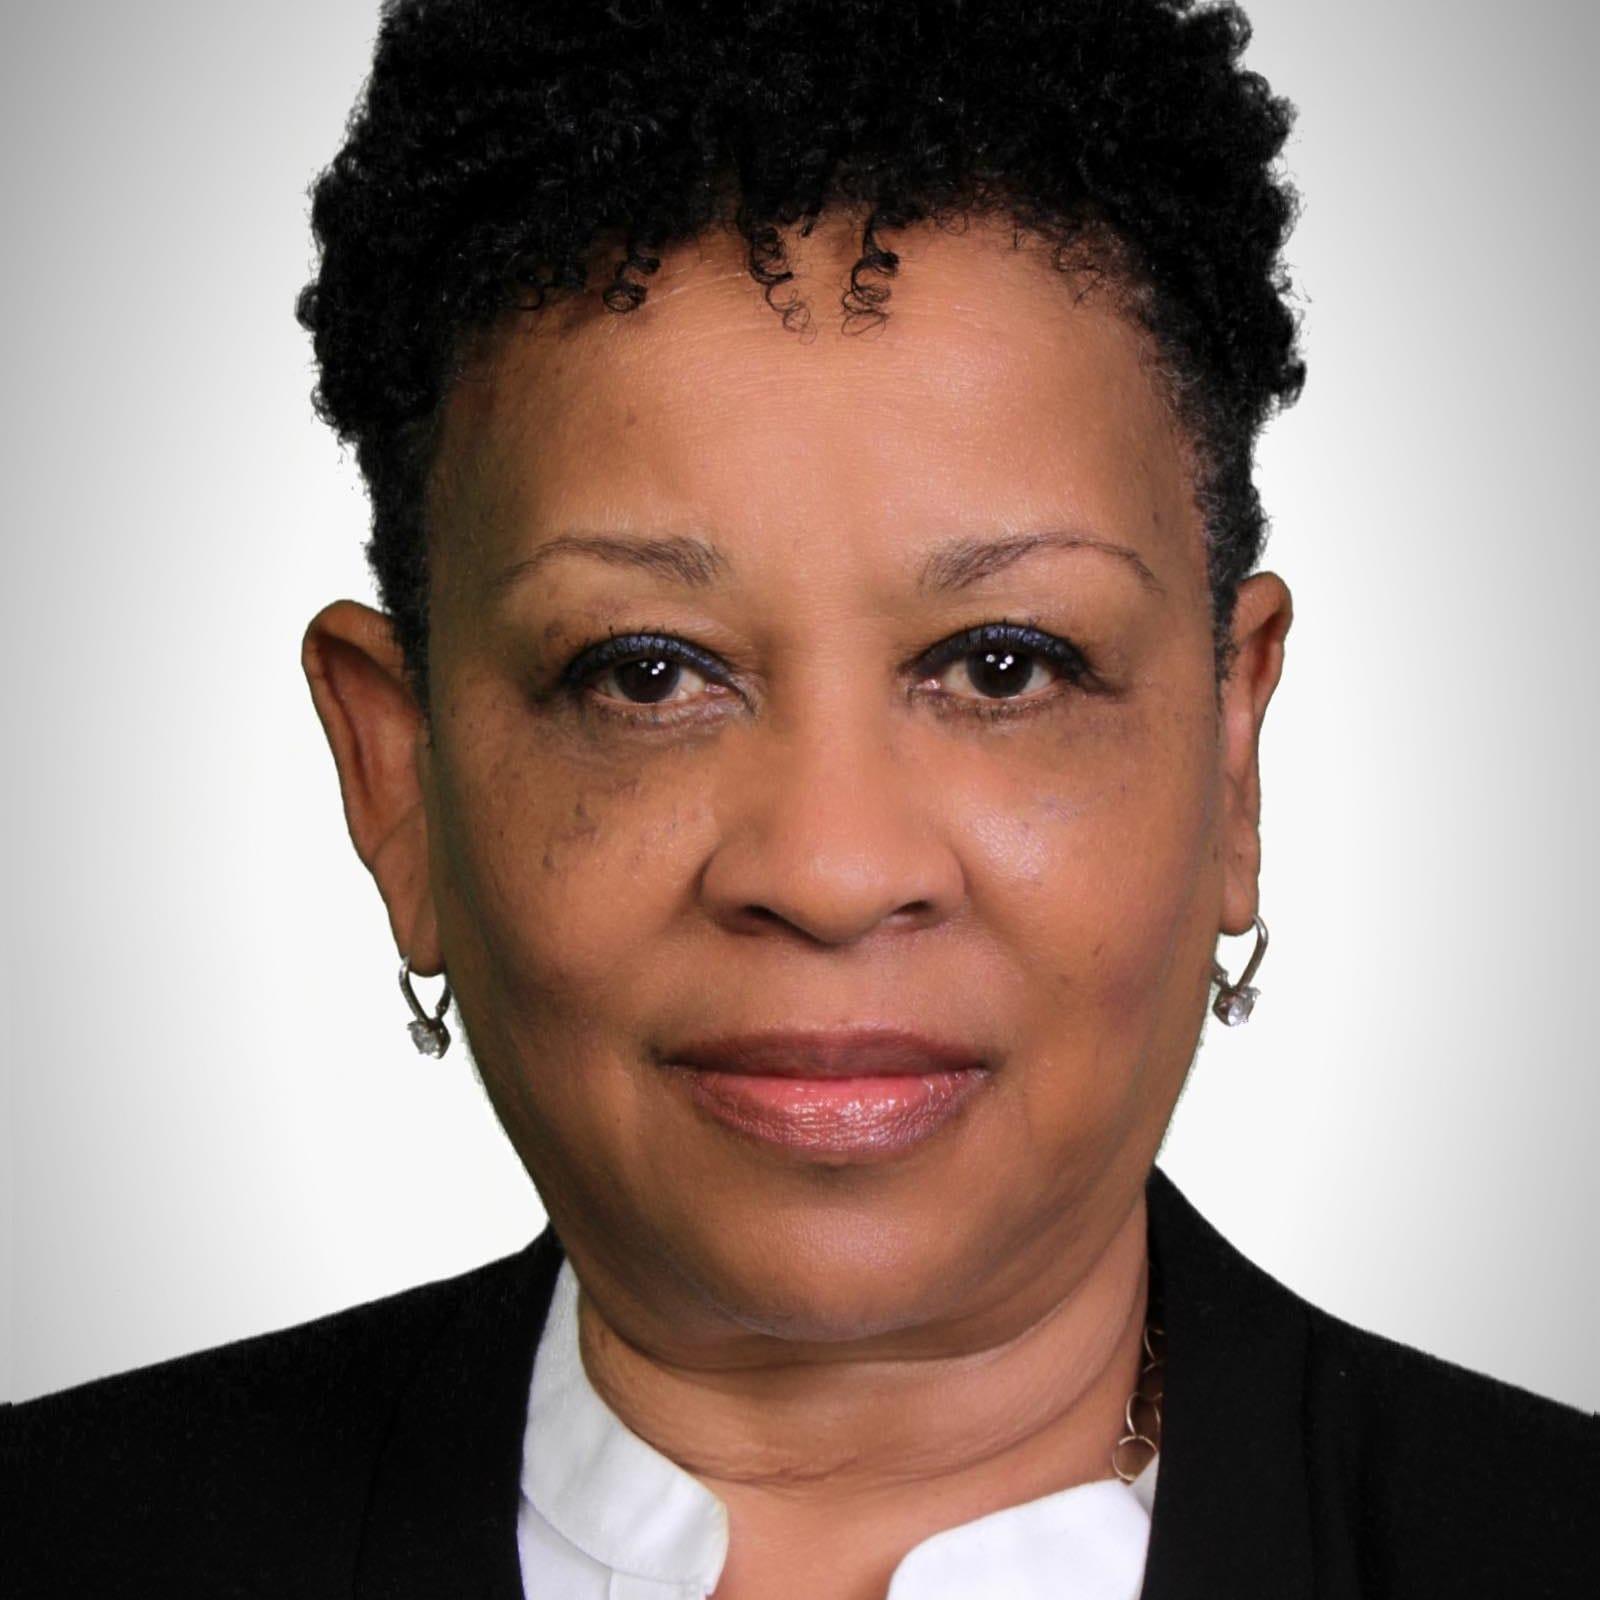 Sharon Dorsey